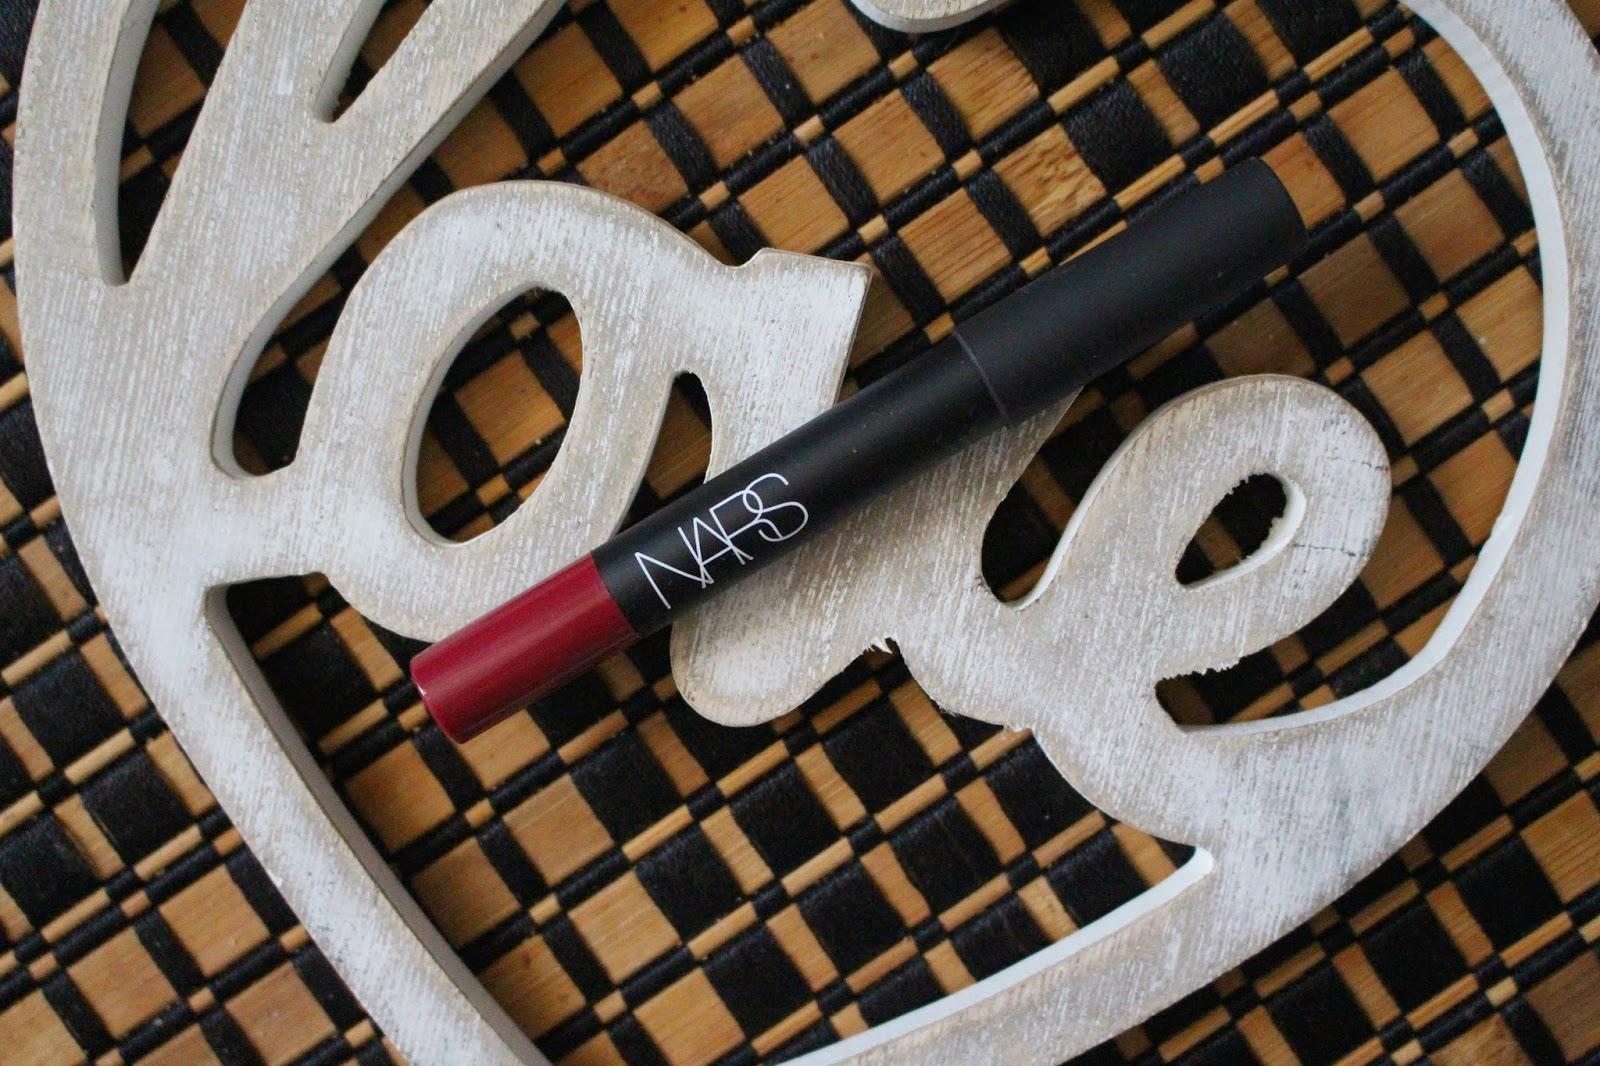 NARS Damned Velvet Matte Lip Pencil